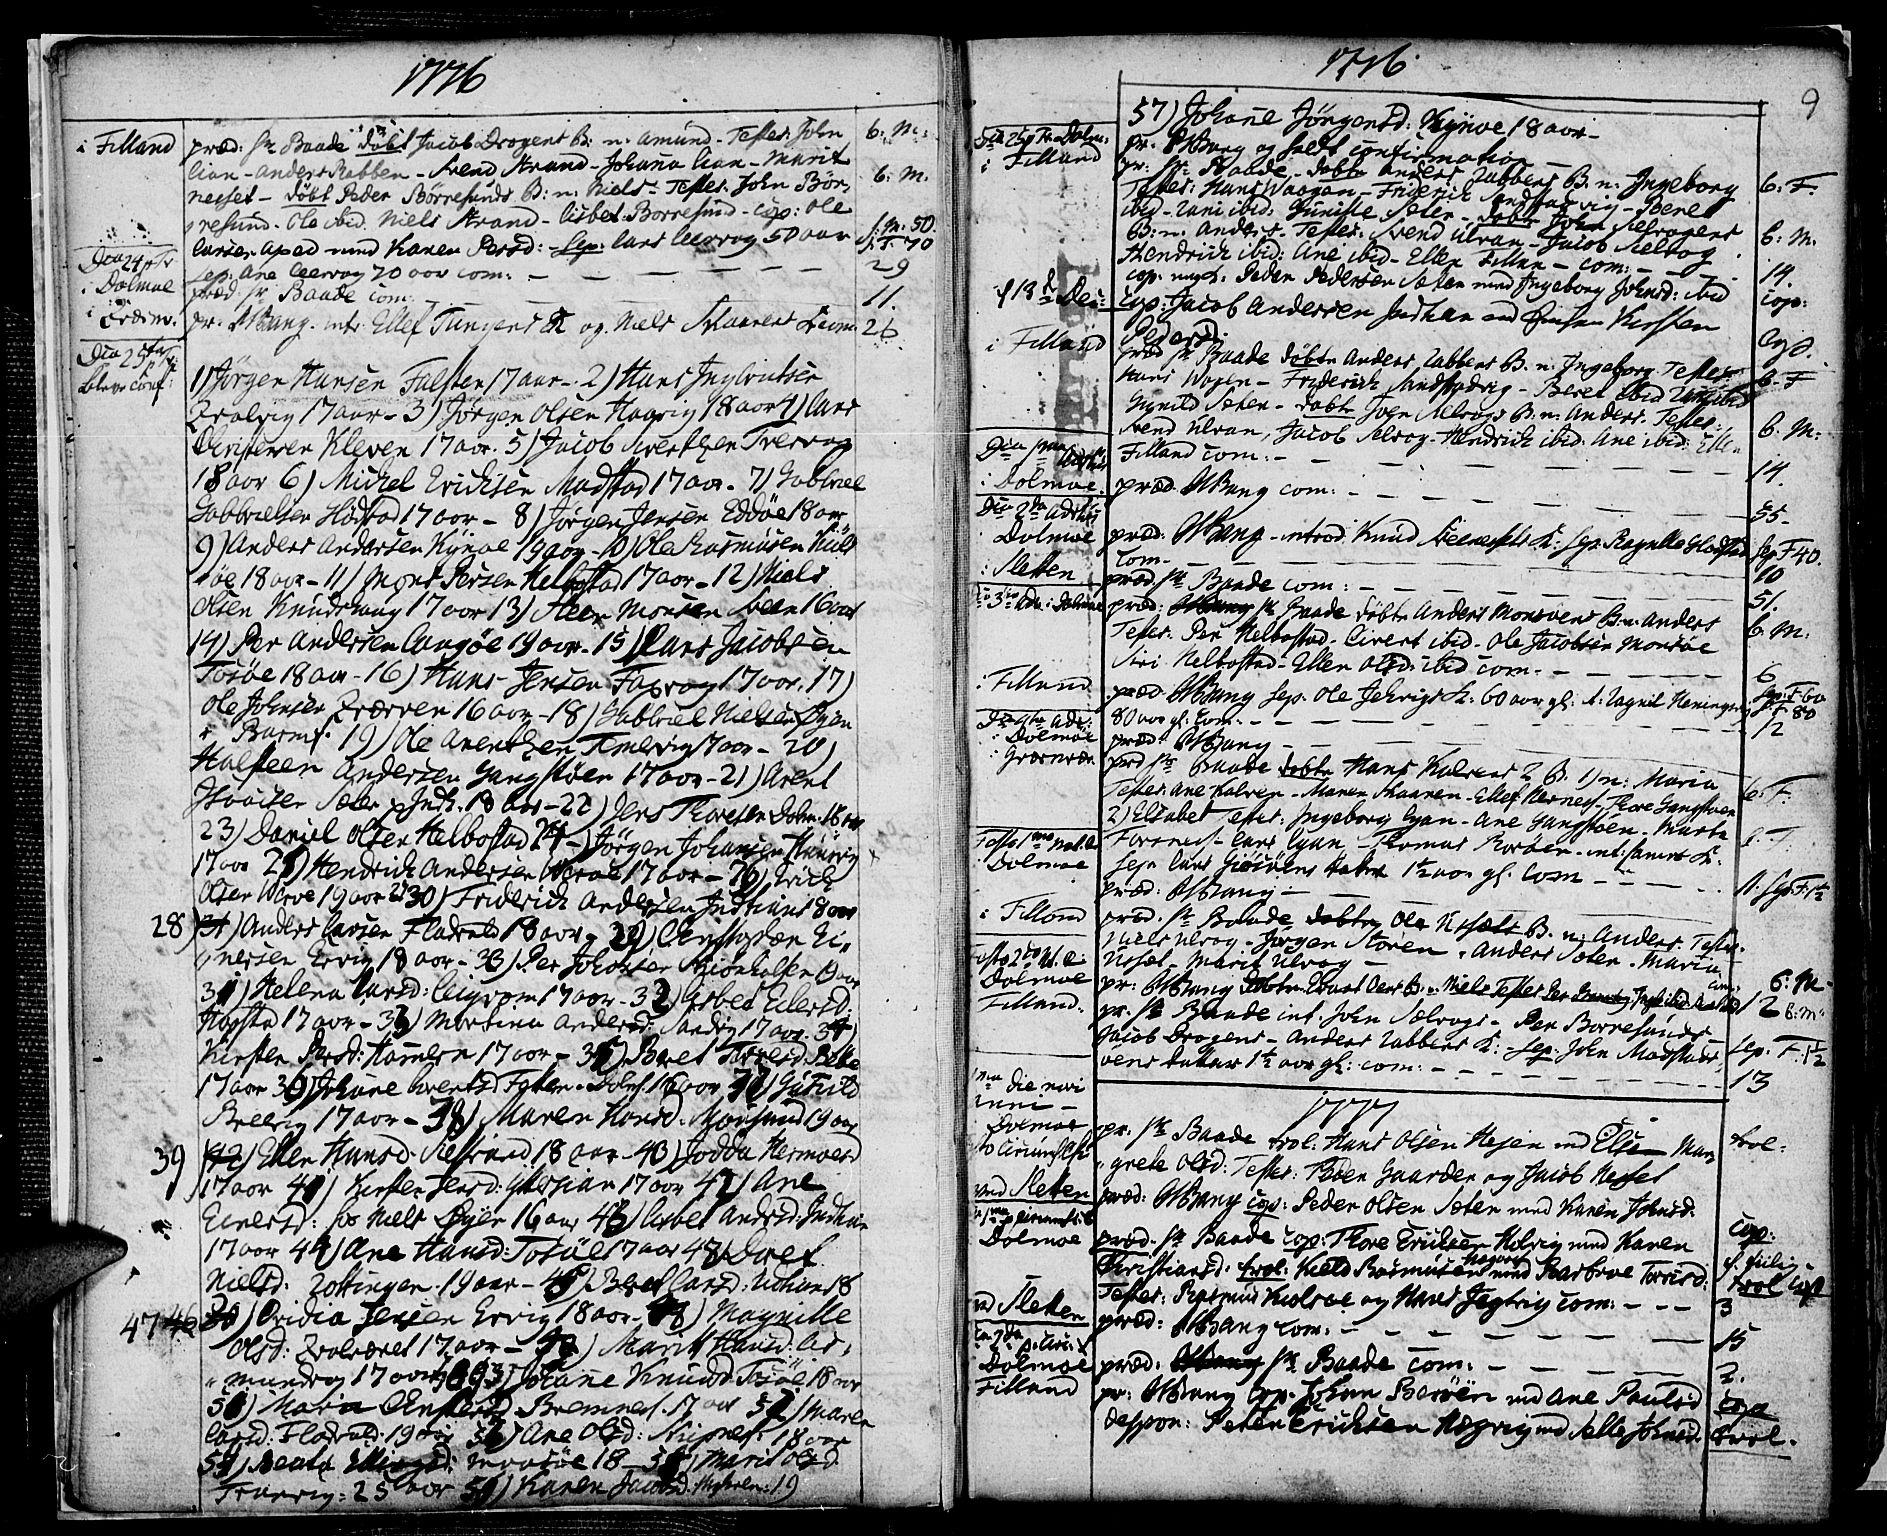 SAT, Ministerialprotokoller, klokkerbøker og fødselsregistre - Sør-Trøndelag, 634/L0526: Ministerialbok nr. 634A02, 1775-1818, s. 9